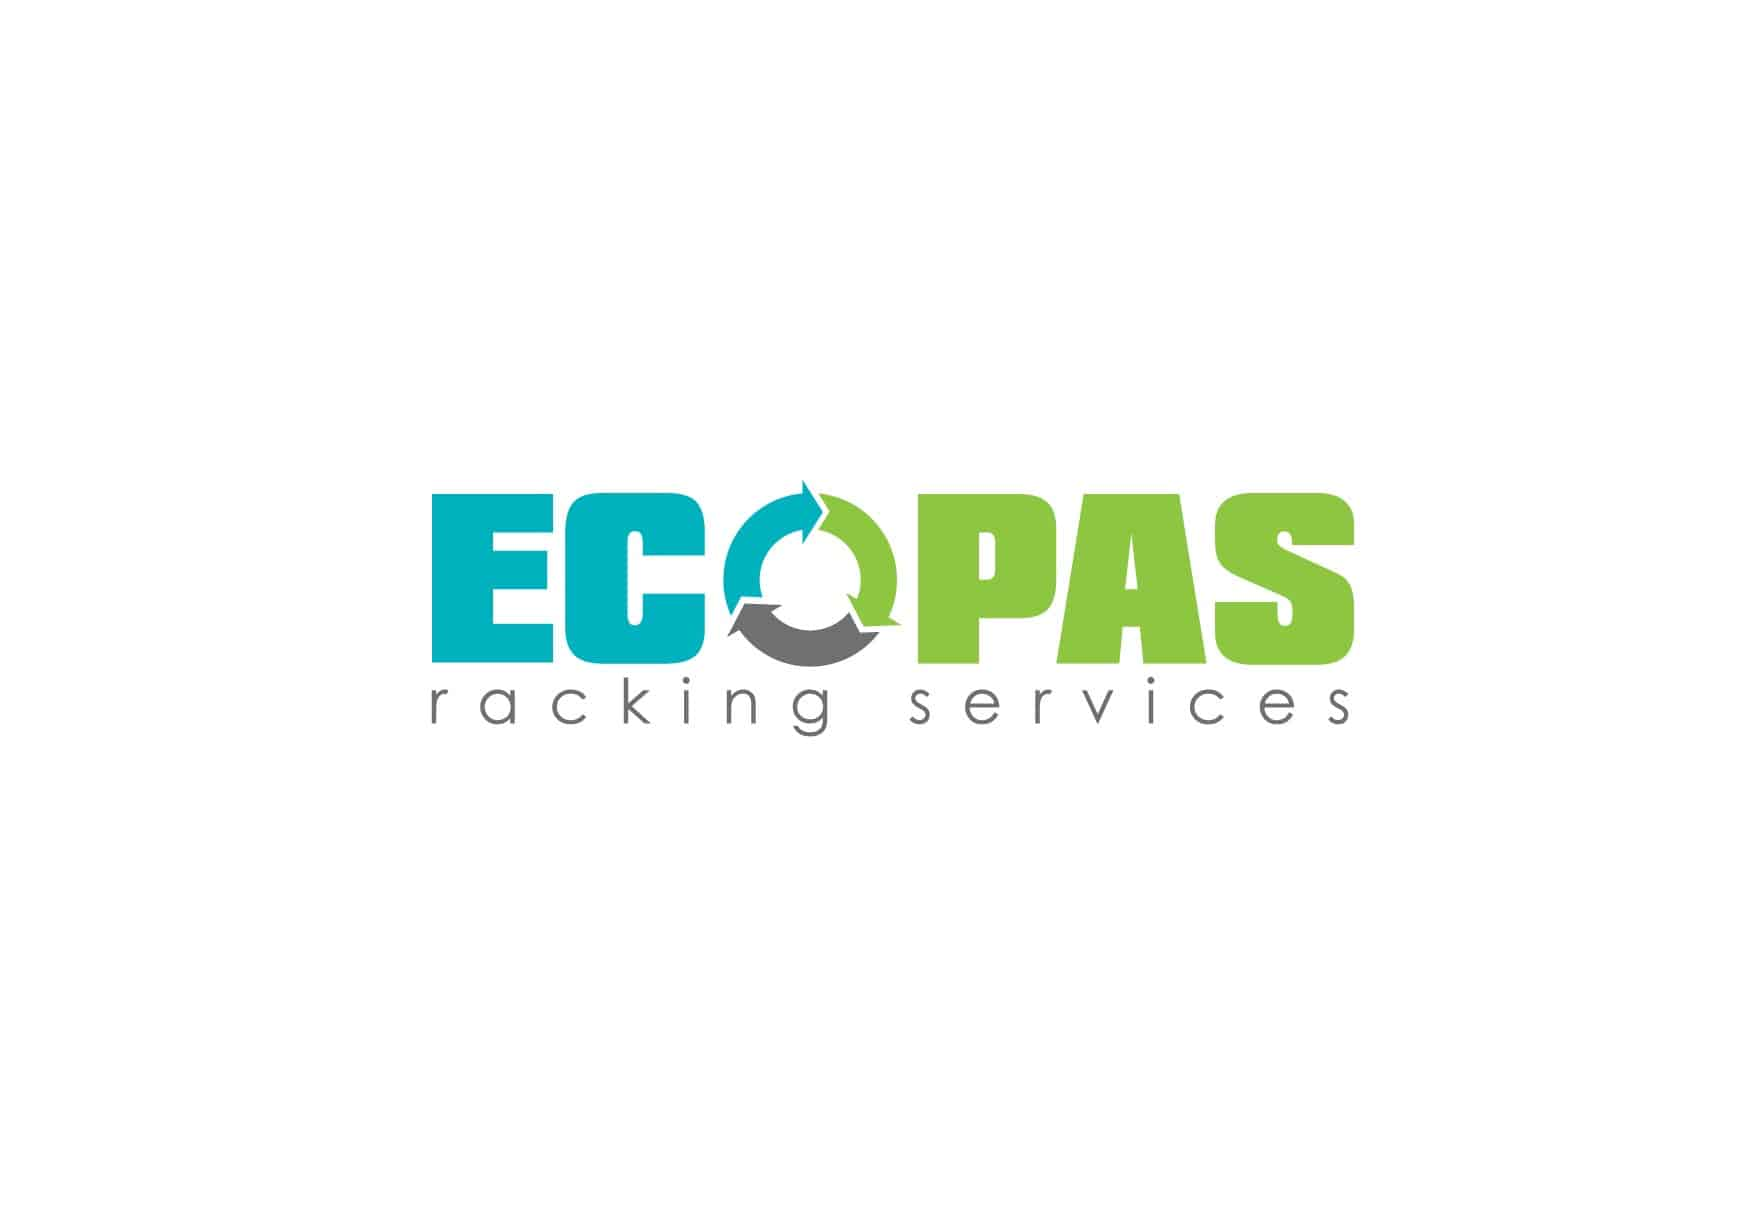 ecopas-logo-design